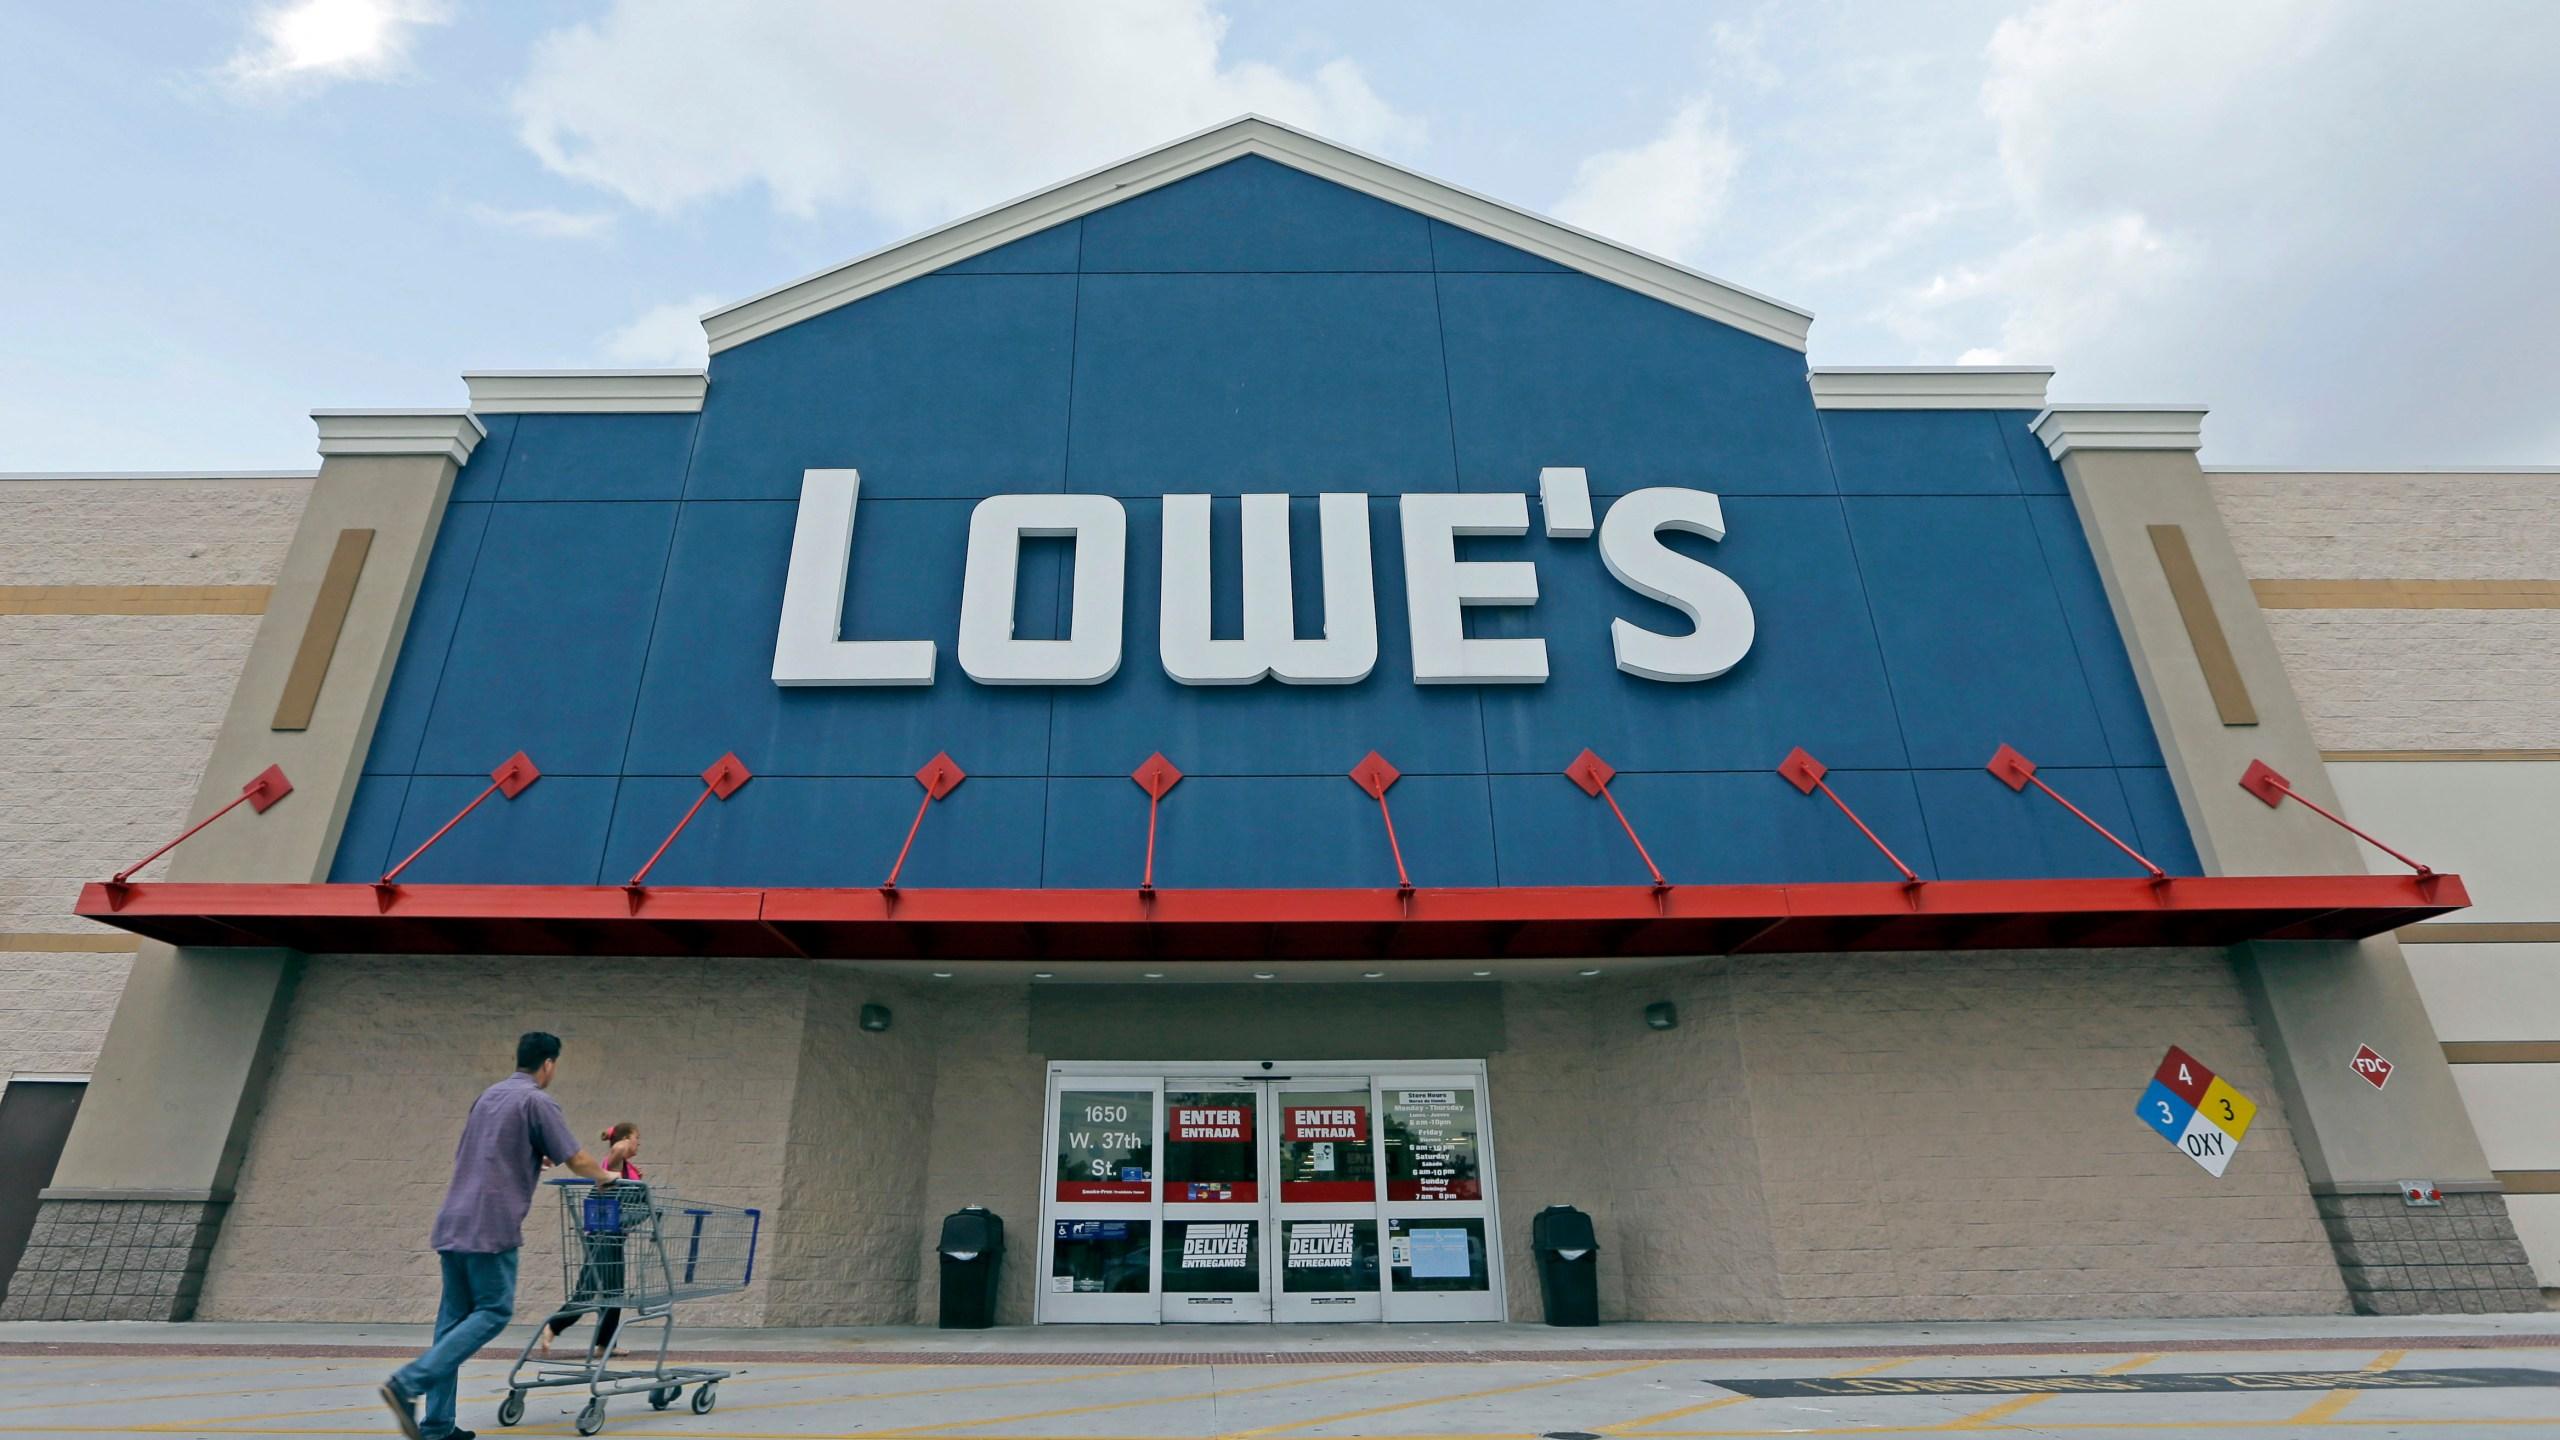 Lowe's_430573